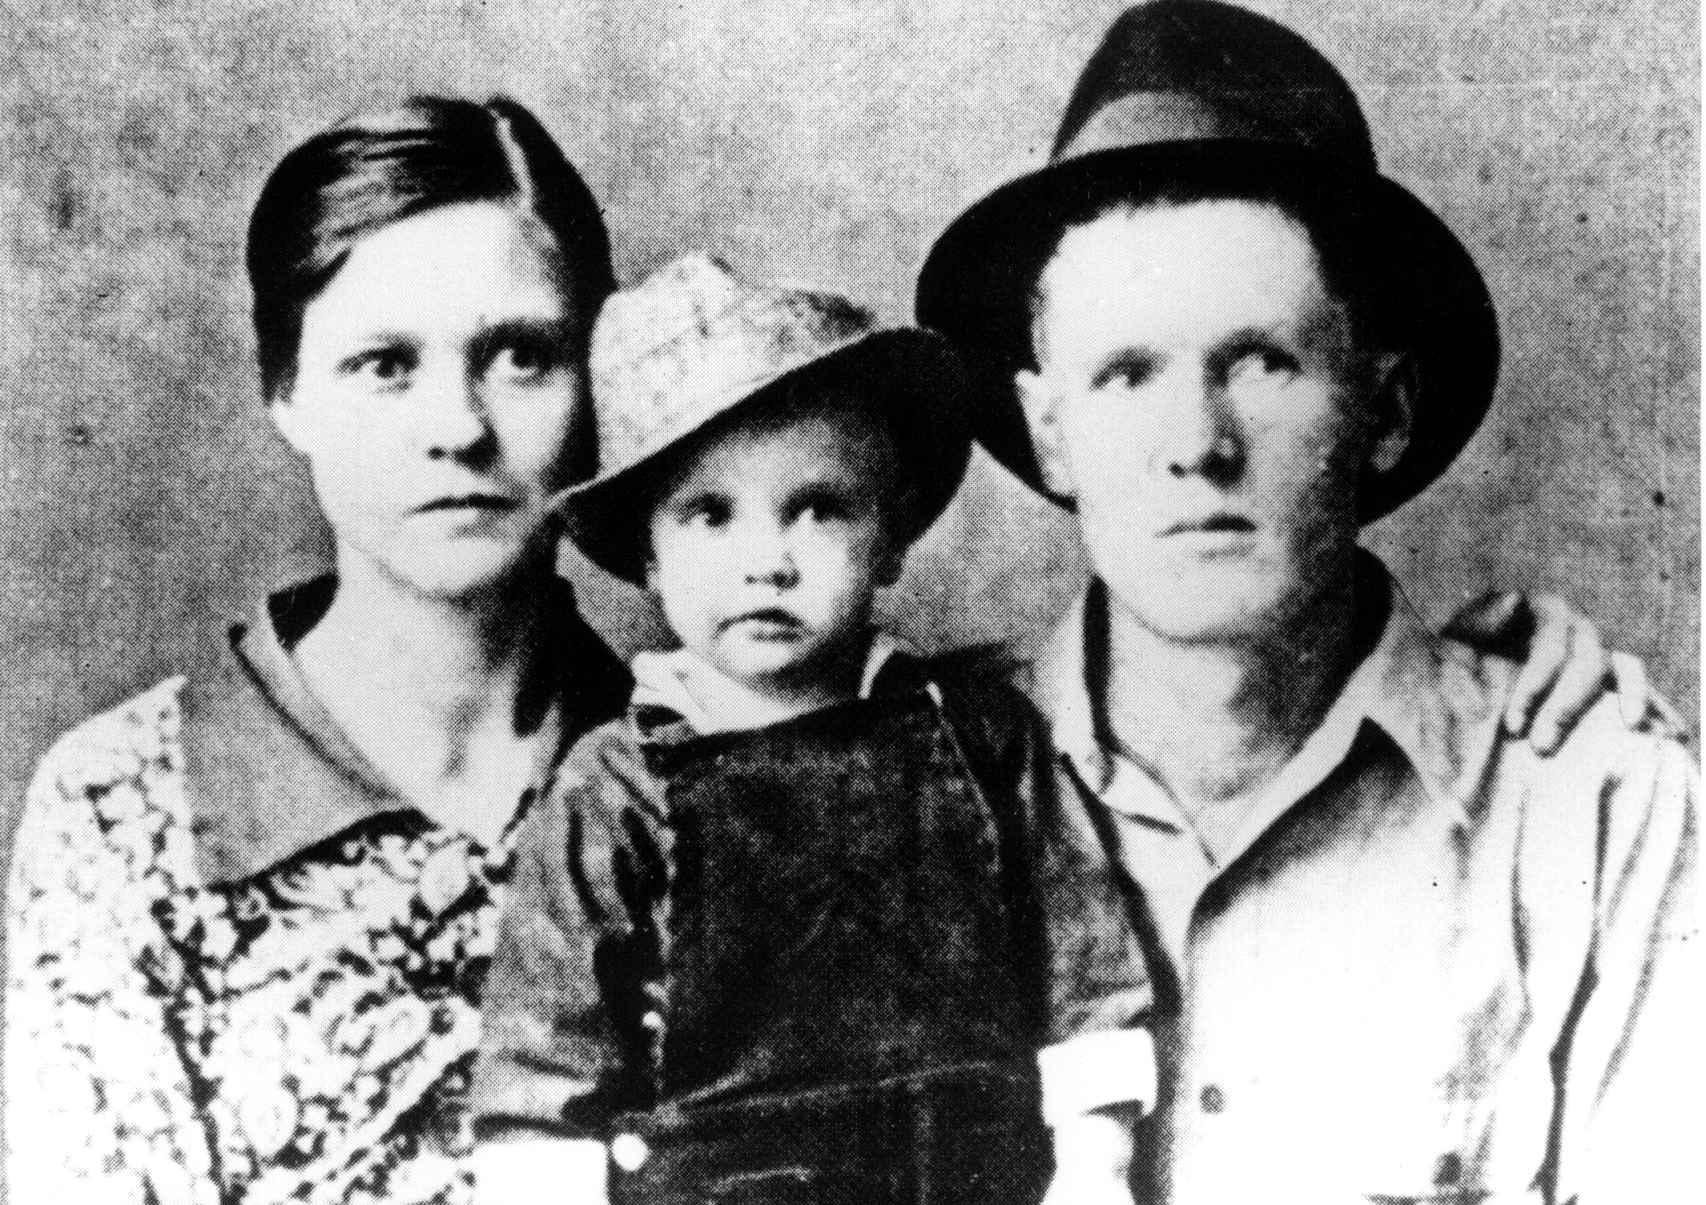 Vernon y Gladys Presley junto con su hijo en 1937.